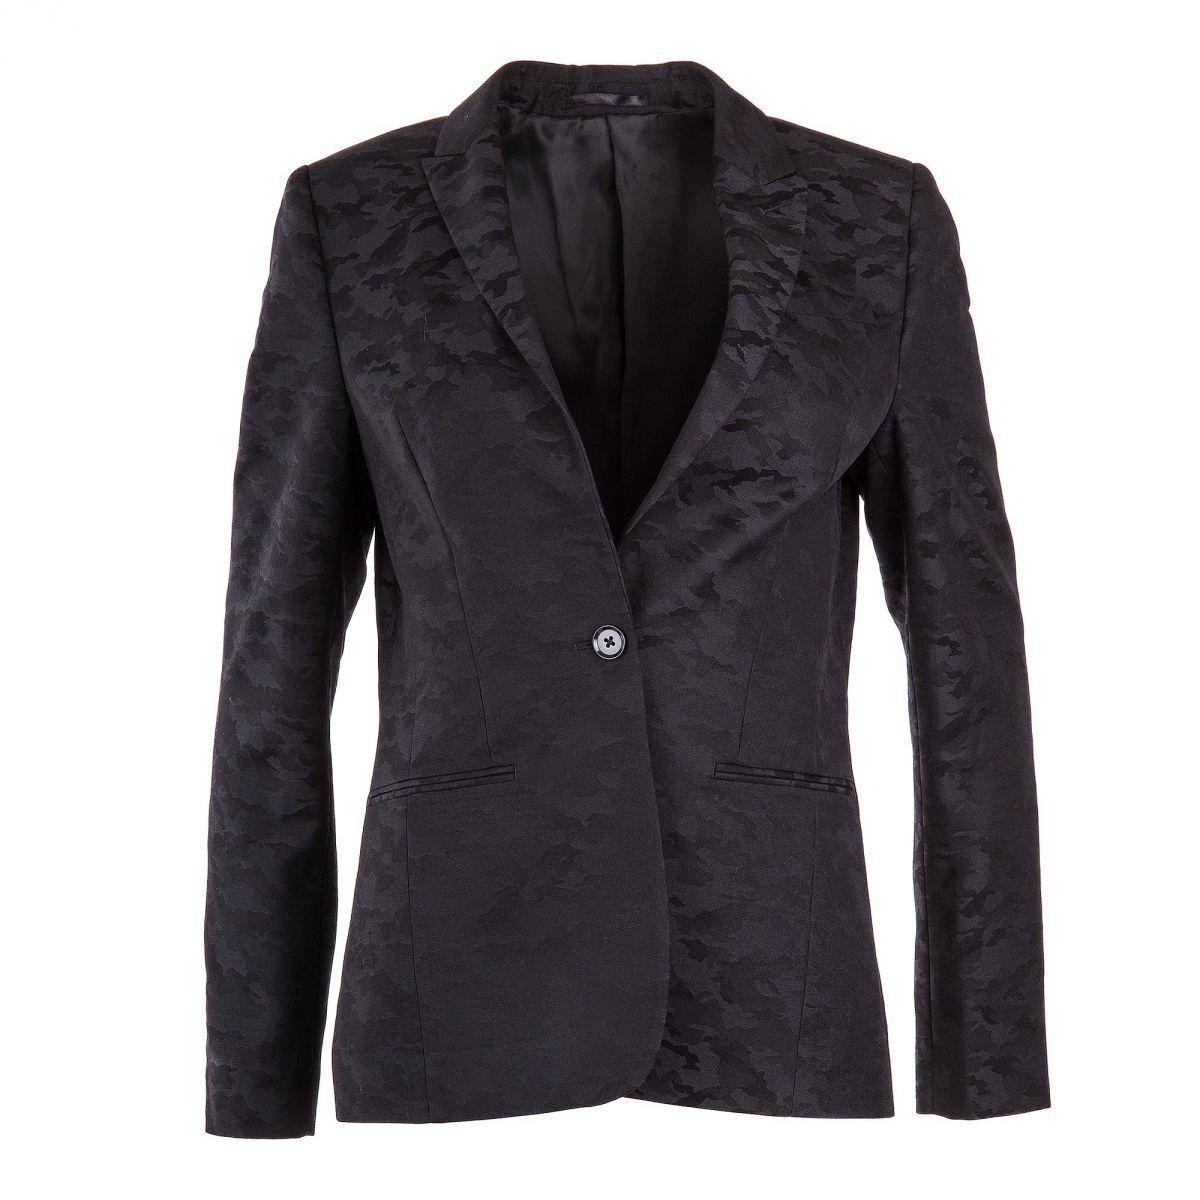 blazer noir imprim camouflage femme artists prix d griff. Black Bedroom Furniture Sets. Home Design Ideas